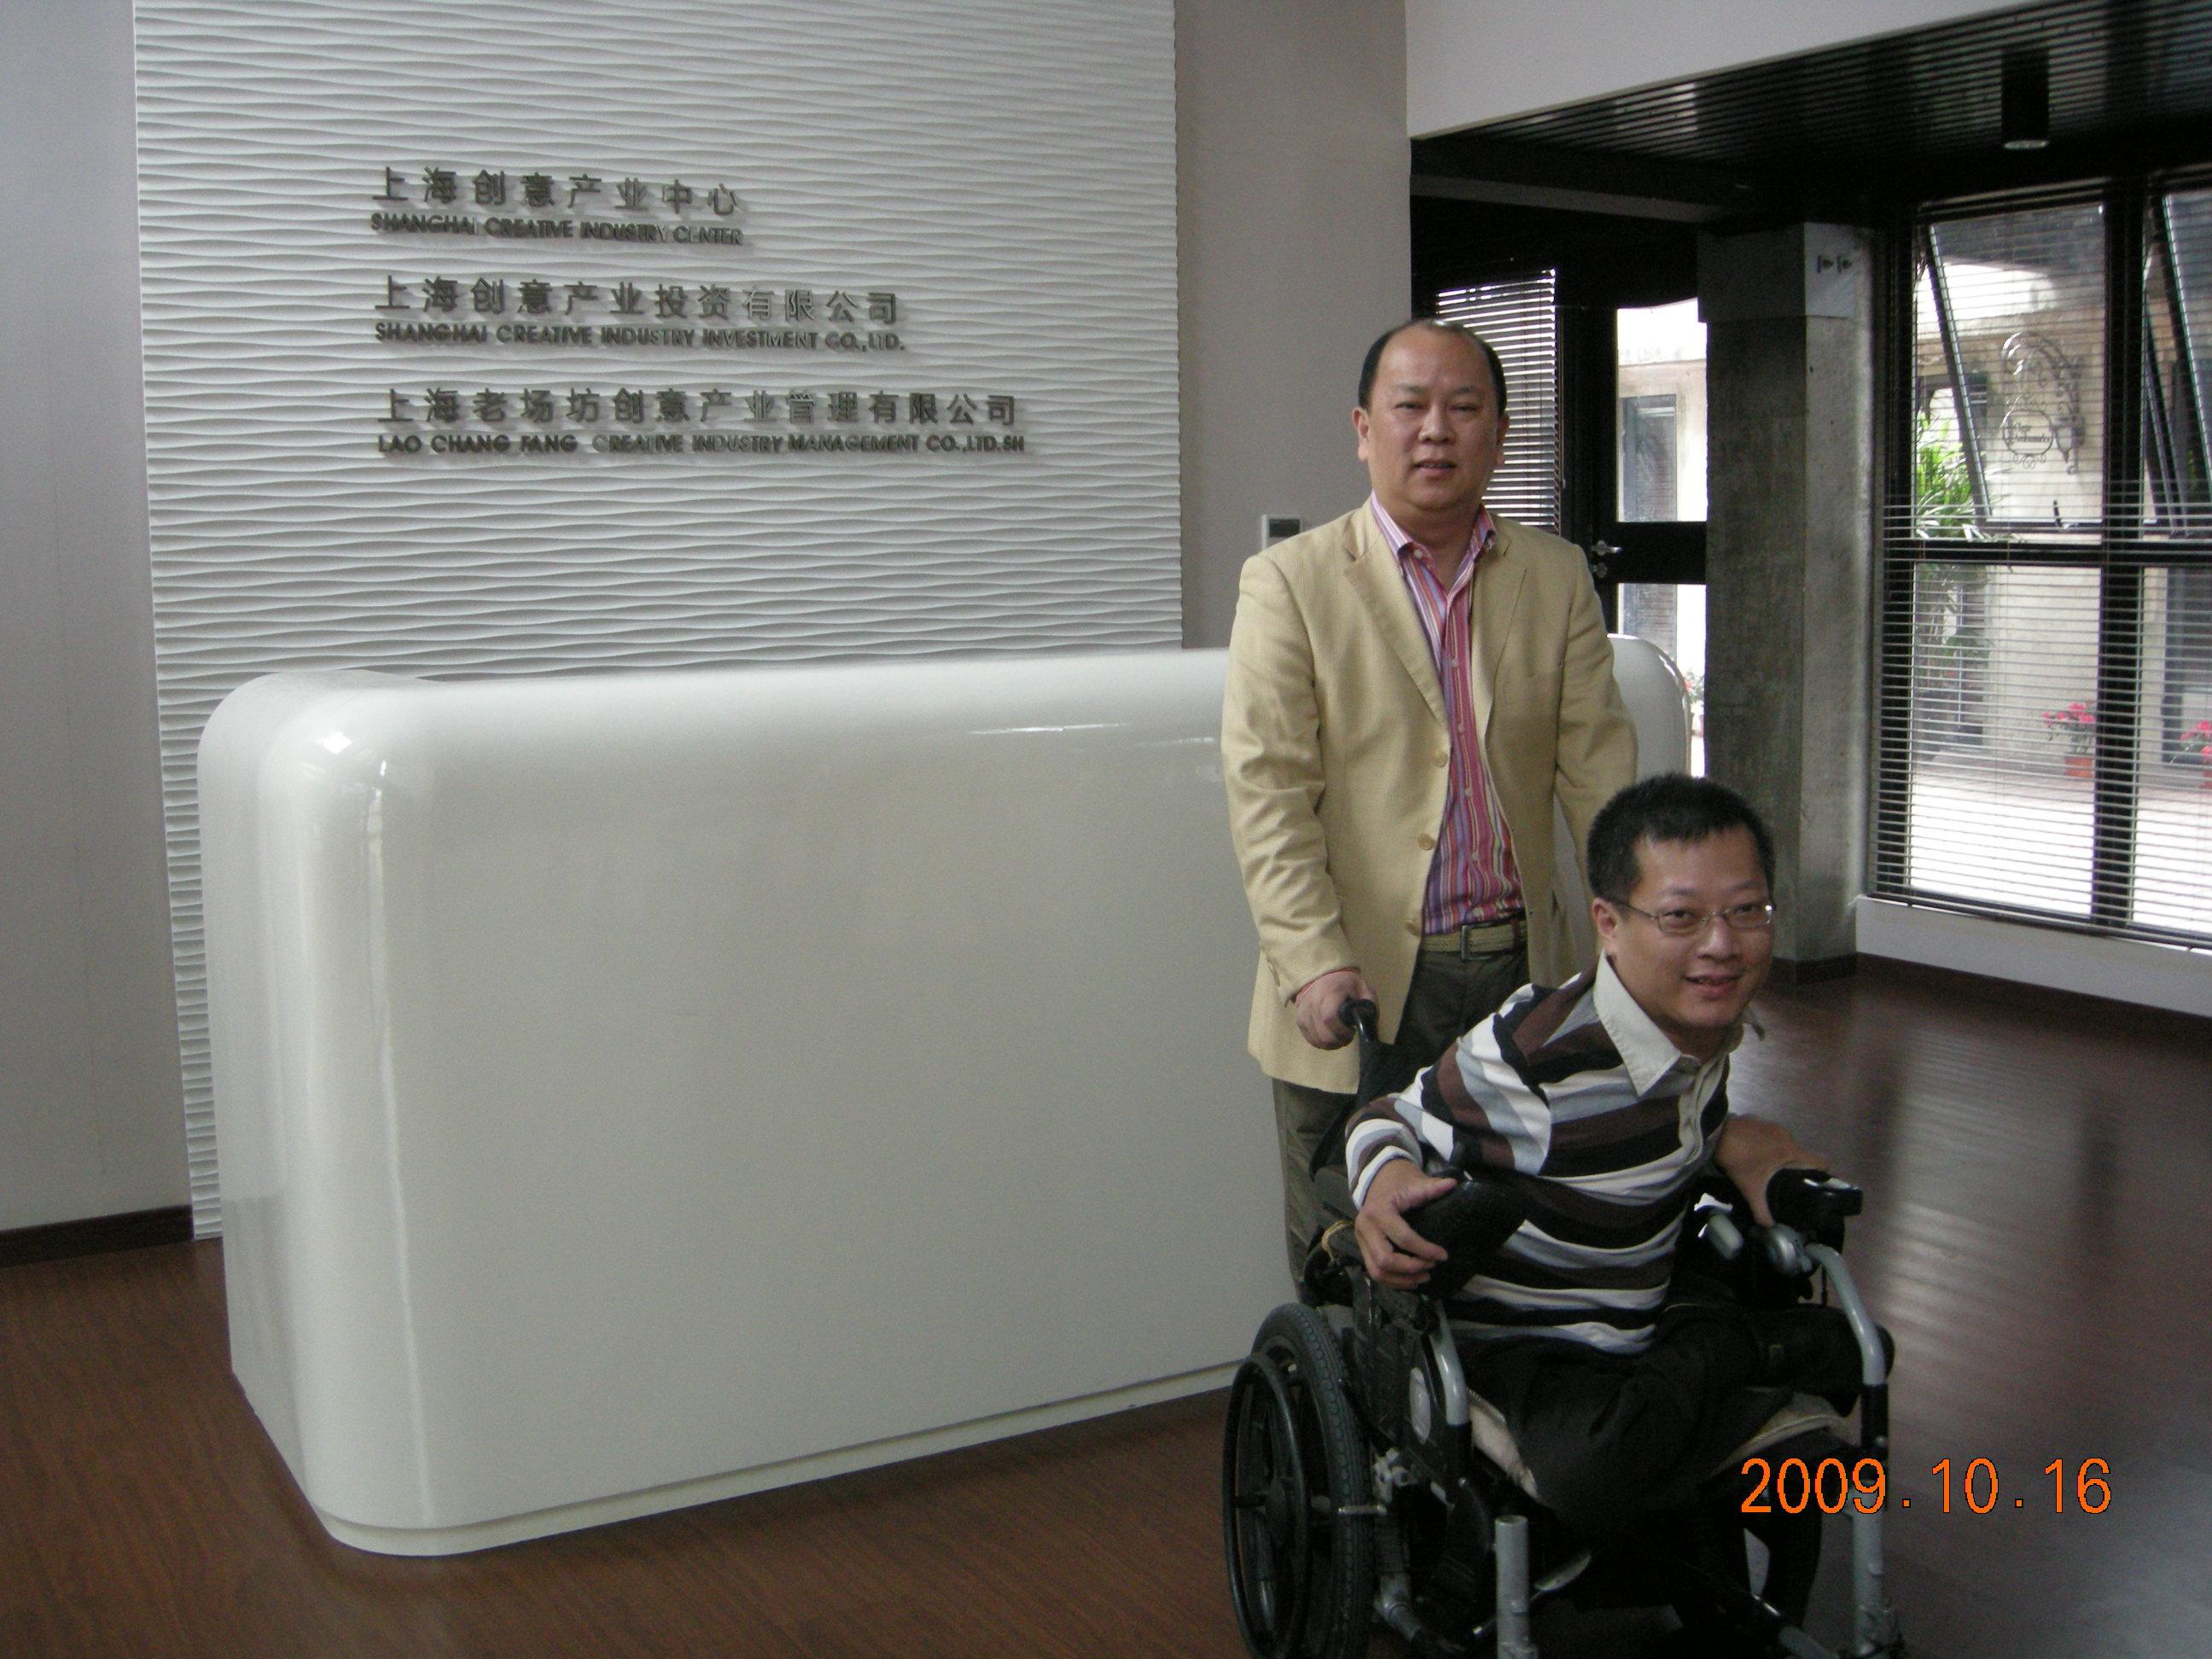 會晤上海創意產業中心執行長何增強先生